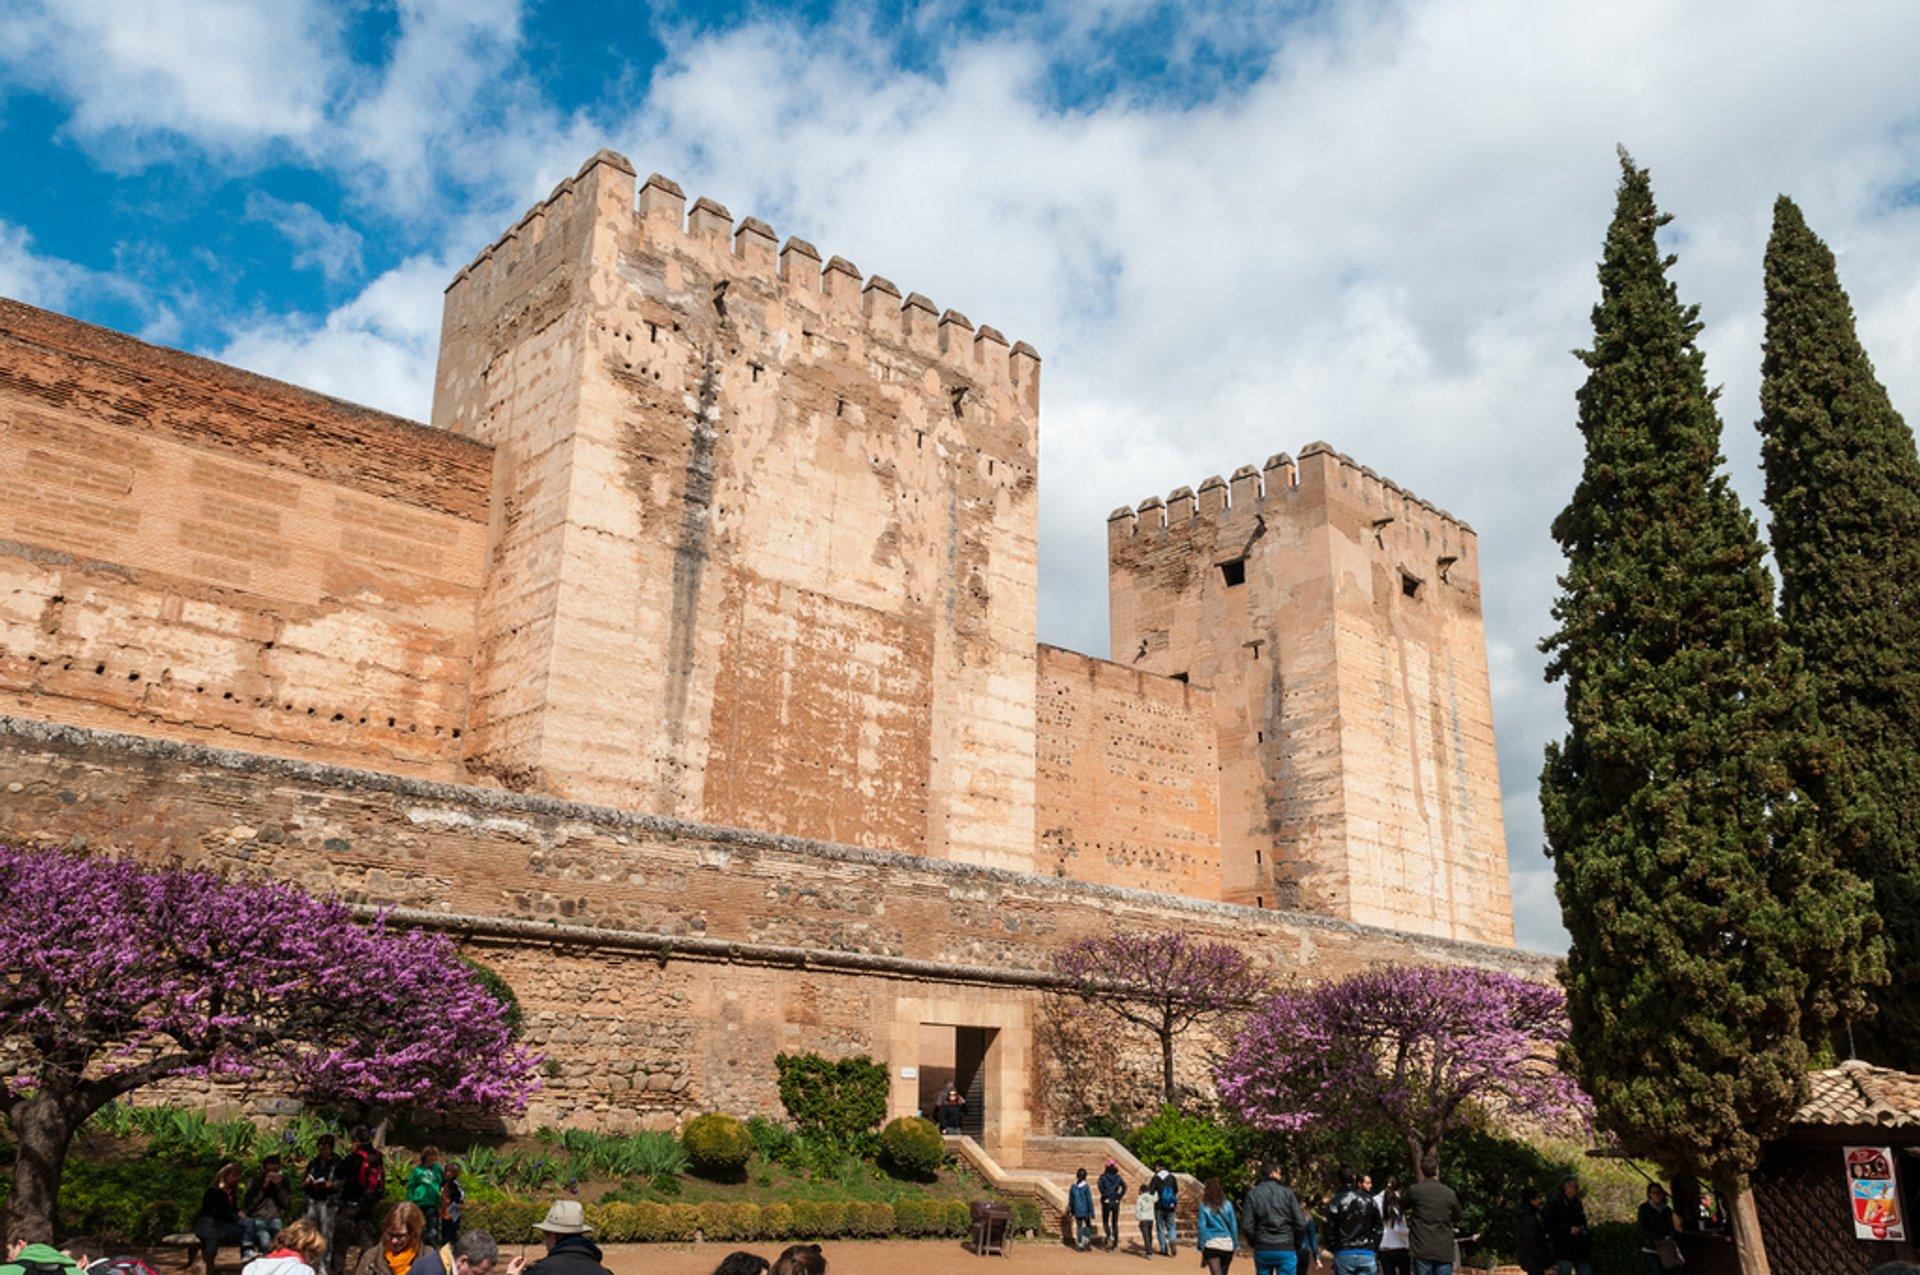 Alcazaba in Alhambra 2019